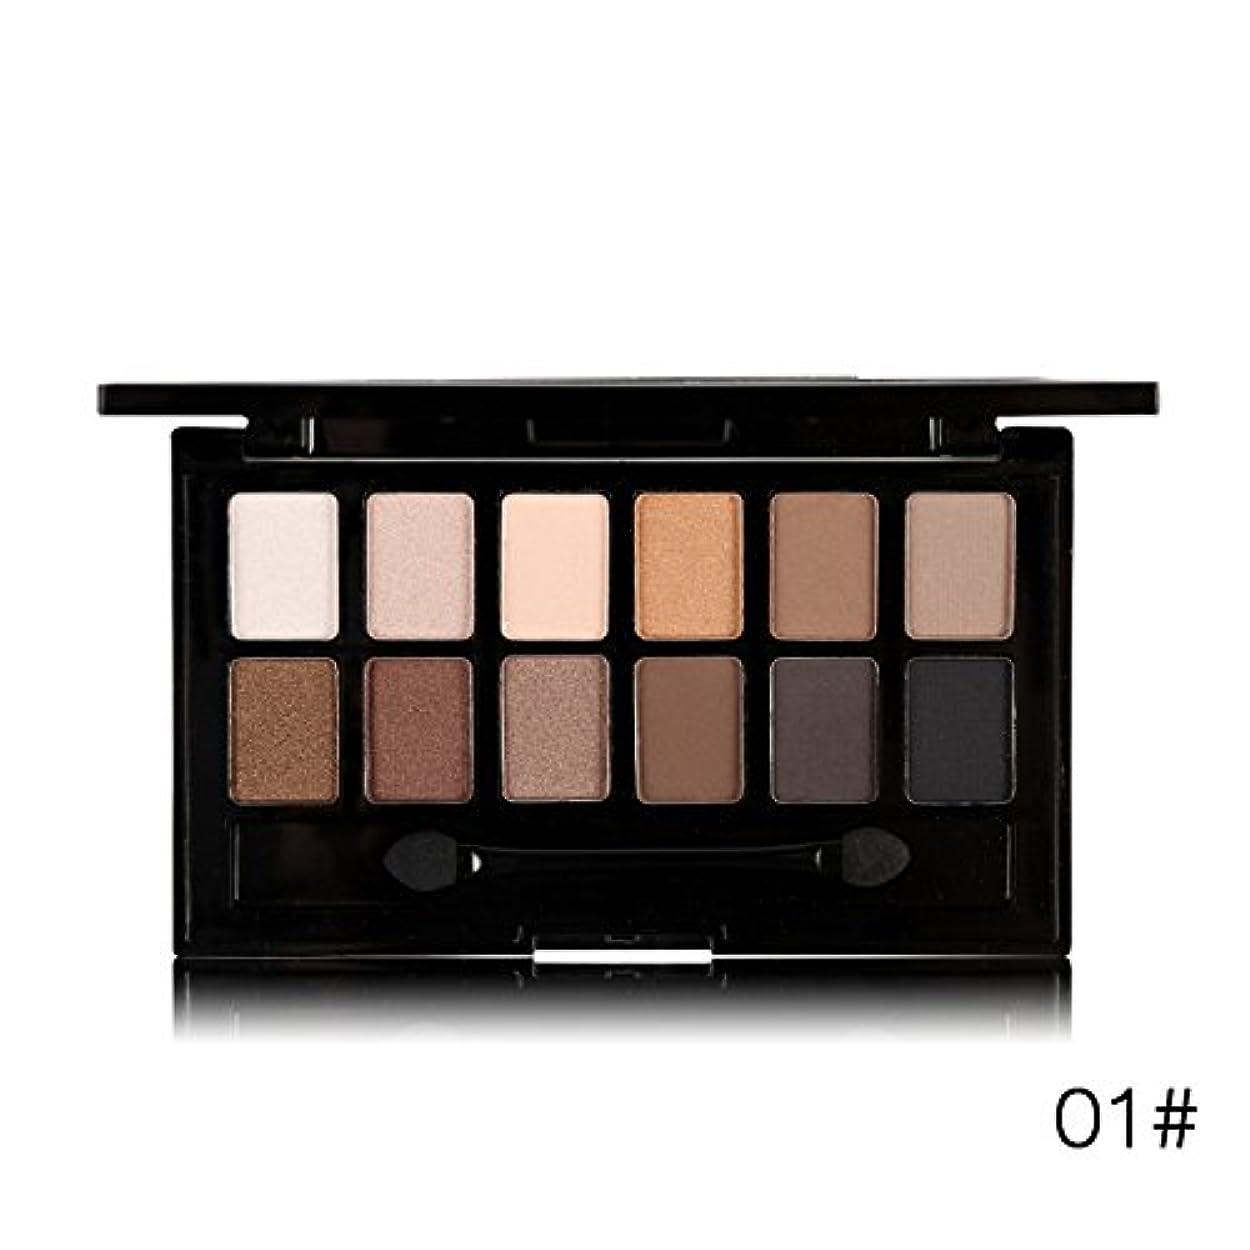 器用研磨胆嚢(01#) 12 Colors Pro Nude Earth Color Makeup Eyeshadow Palette with Brush Smoky Eye Shadow Shimmer Matte Mineral Waterproof Kits